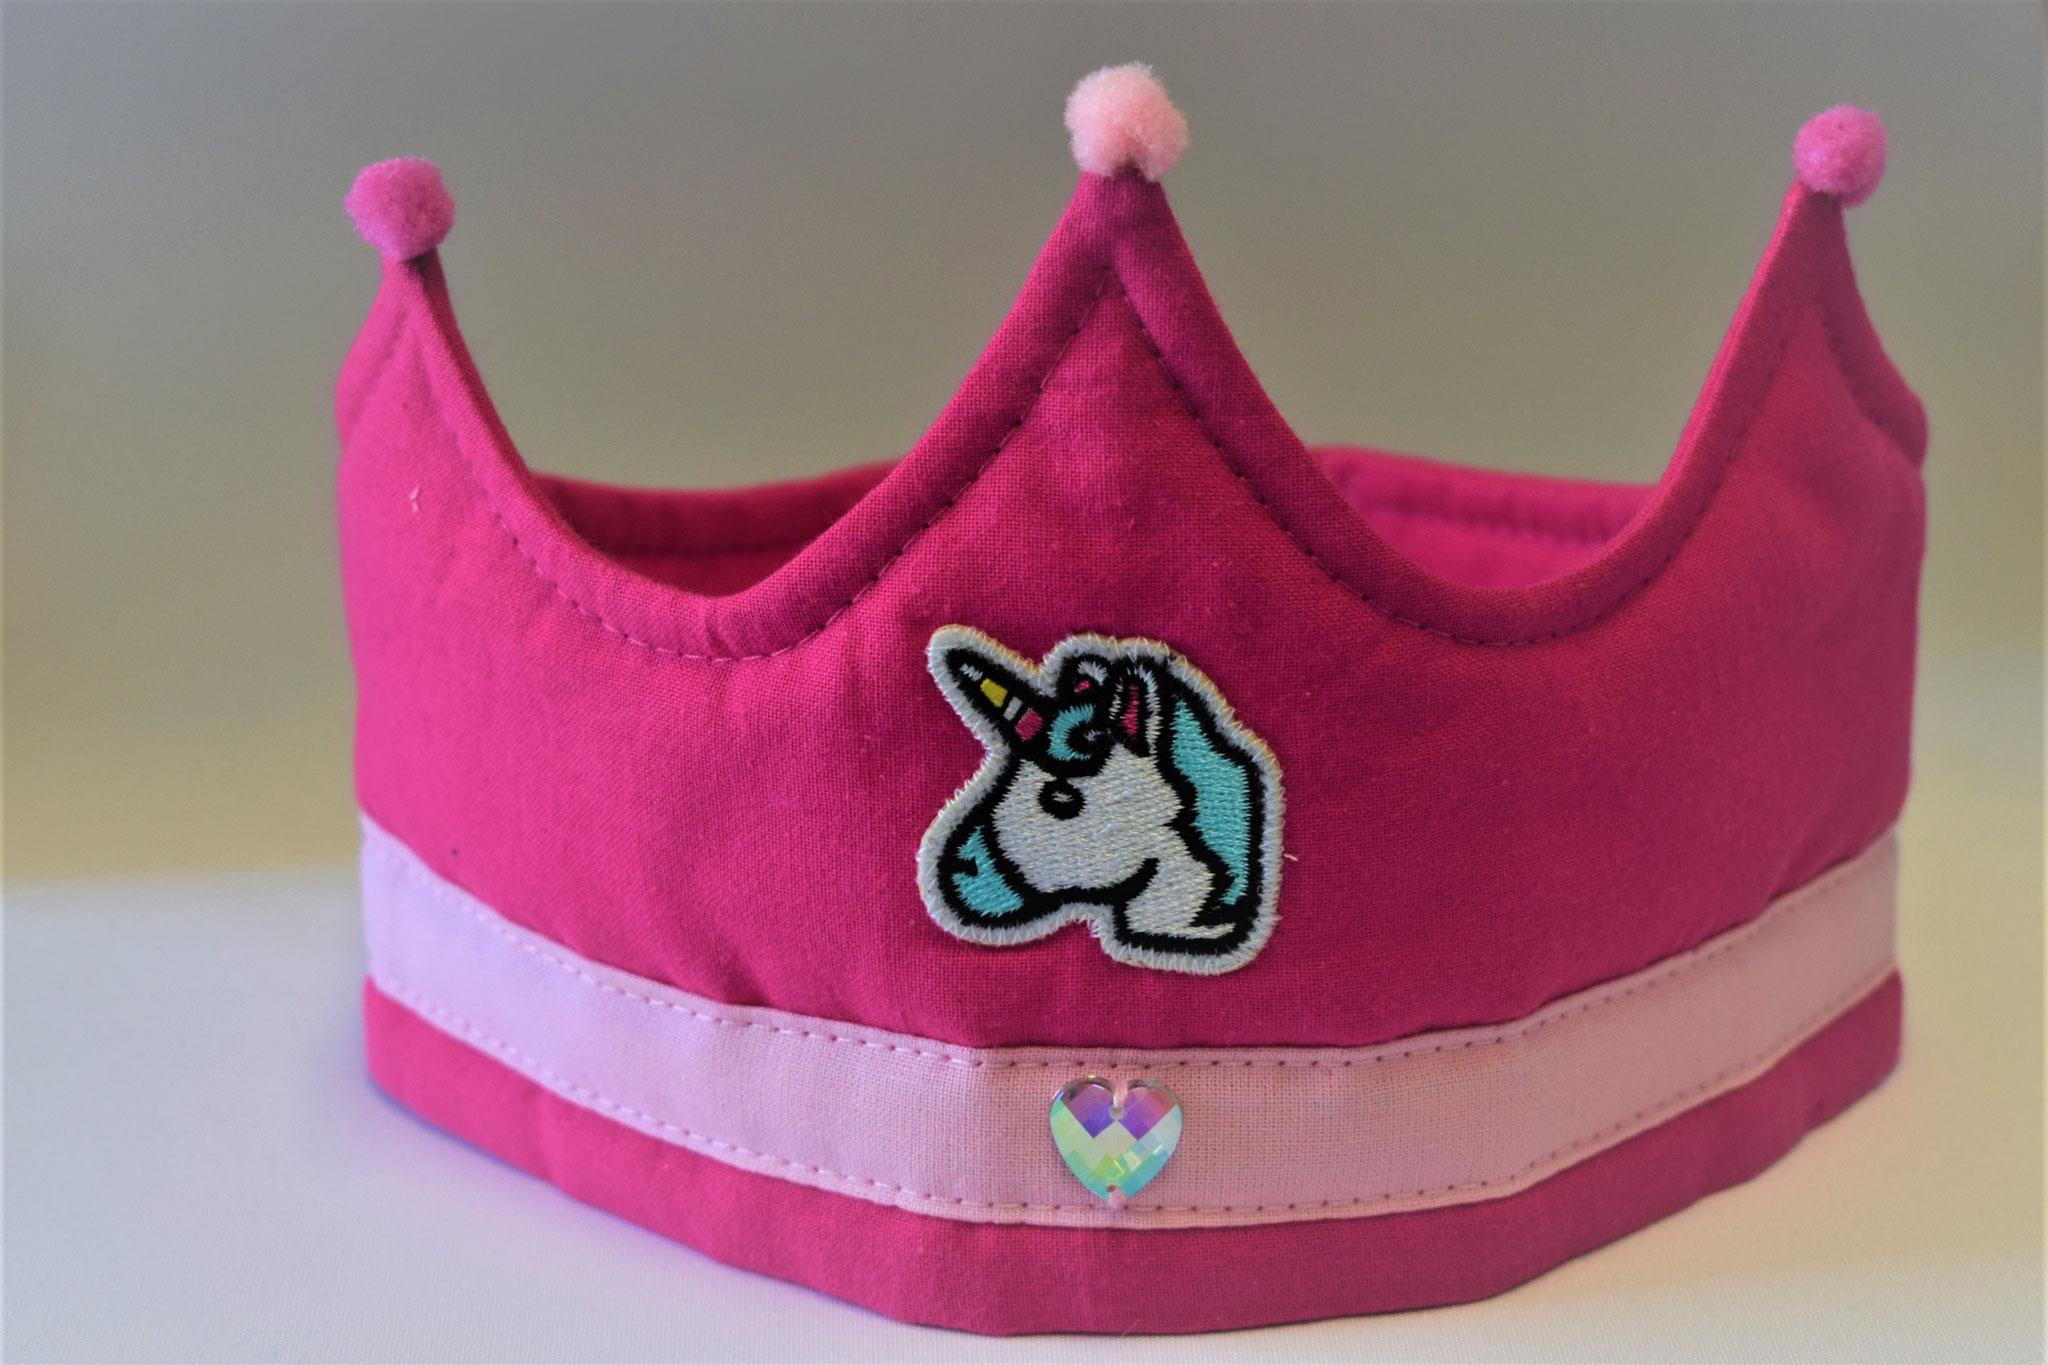 pink mit Einhorn, 19,90€